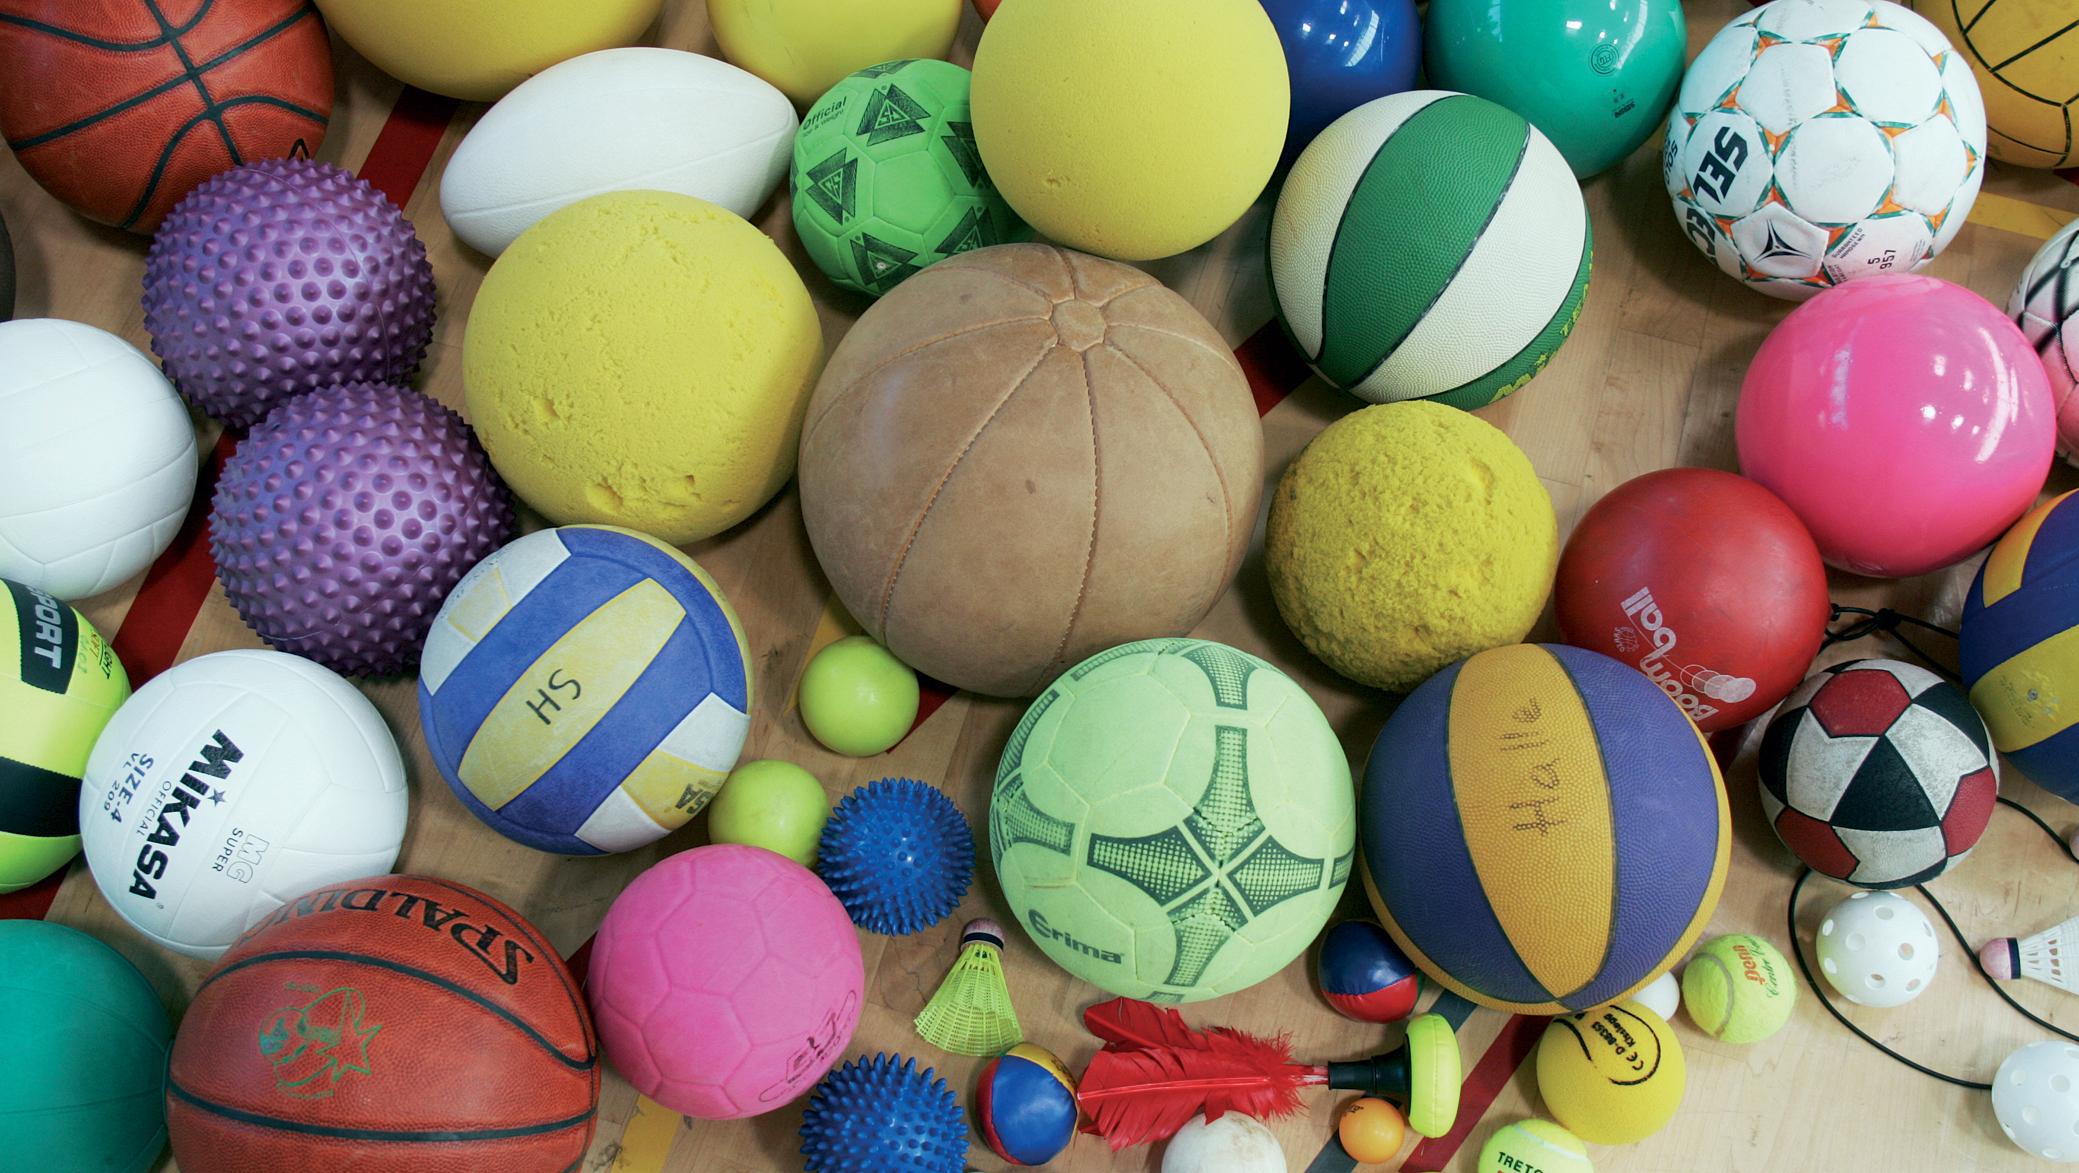 Petits Jeux De Ballons: Des Possibilités Infinies tout Jeux Collectifs Cycle 3 Sans Ballon